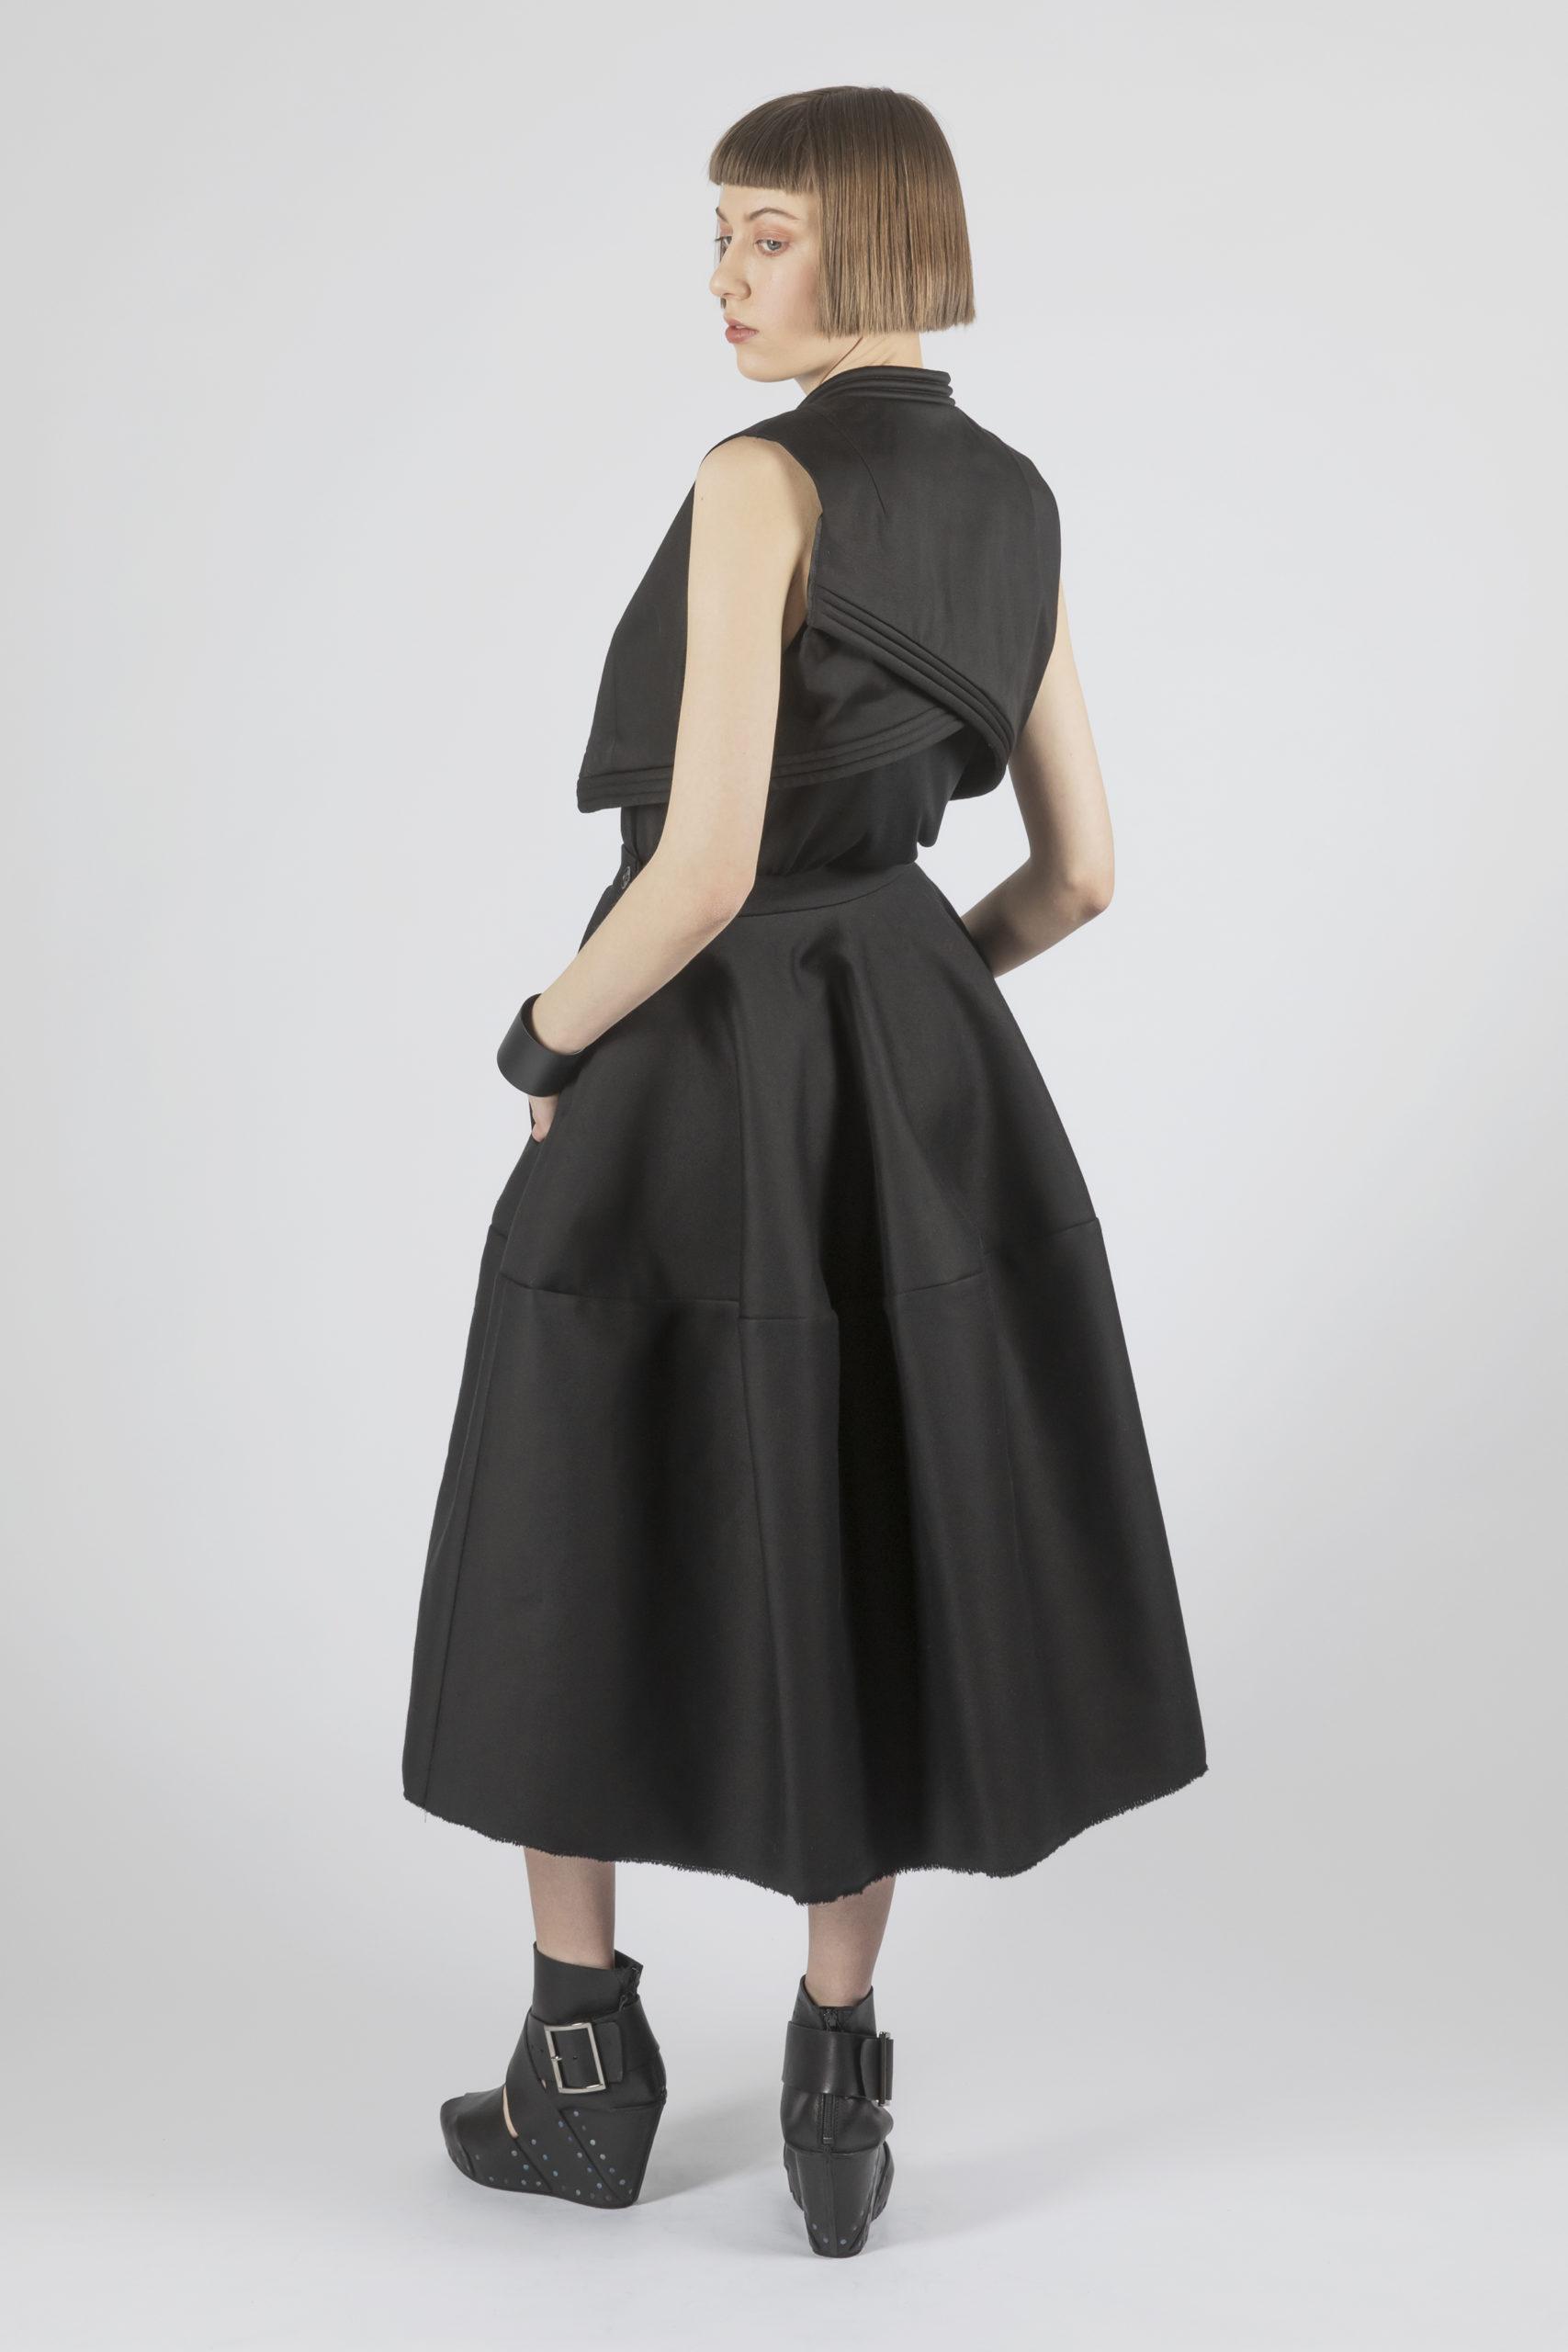 Stil Fusion zweier unserer Lieblings-Designerinnen: Esther Perbandt und Claudia Hoess von Trippen haben eine gemeinsame Kollektion entworfen.